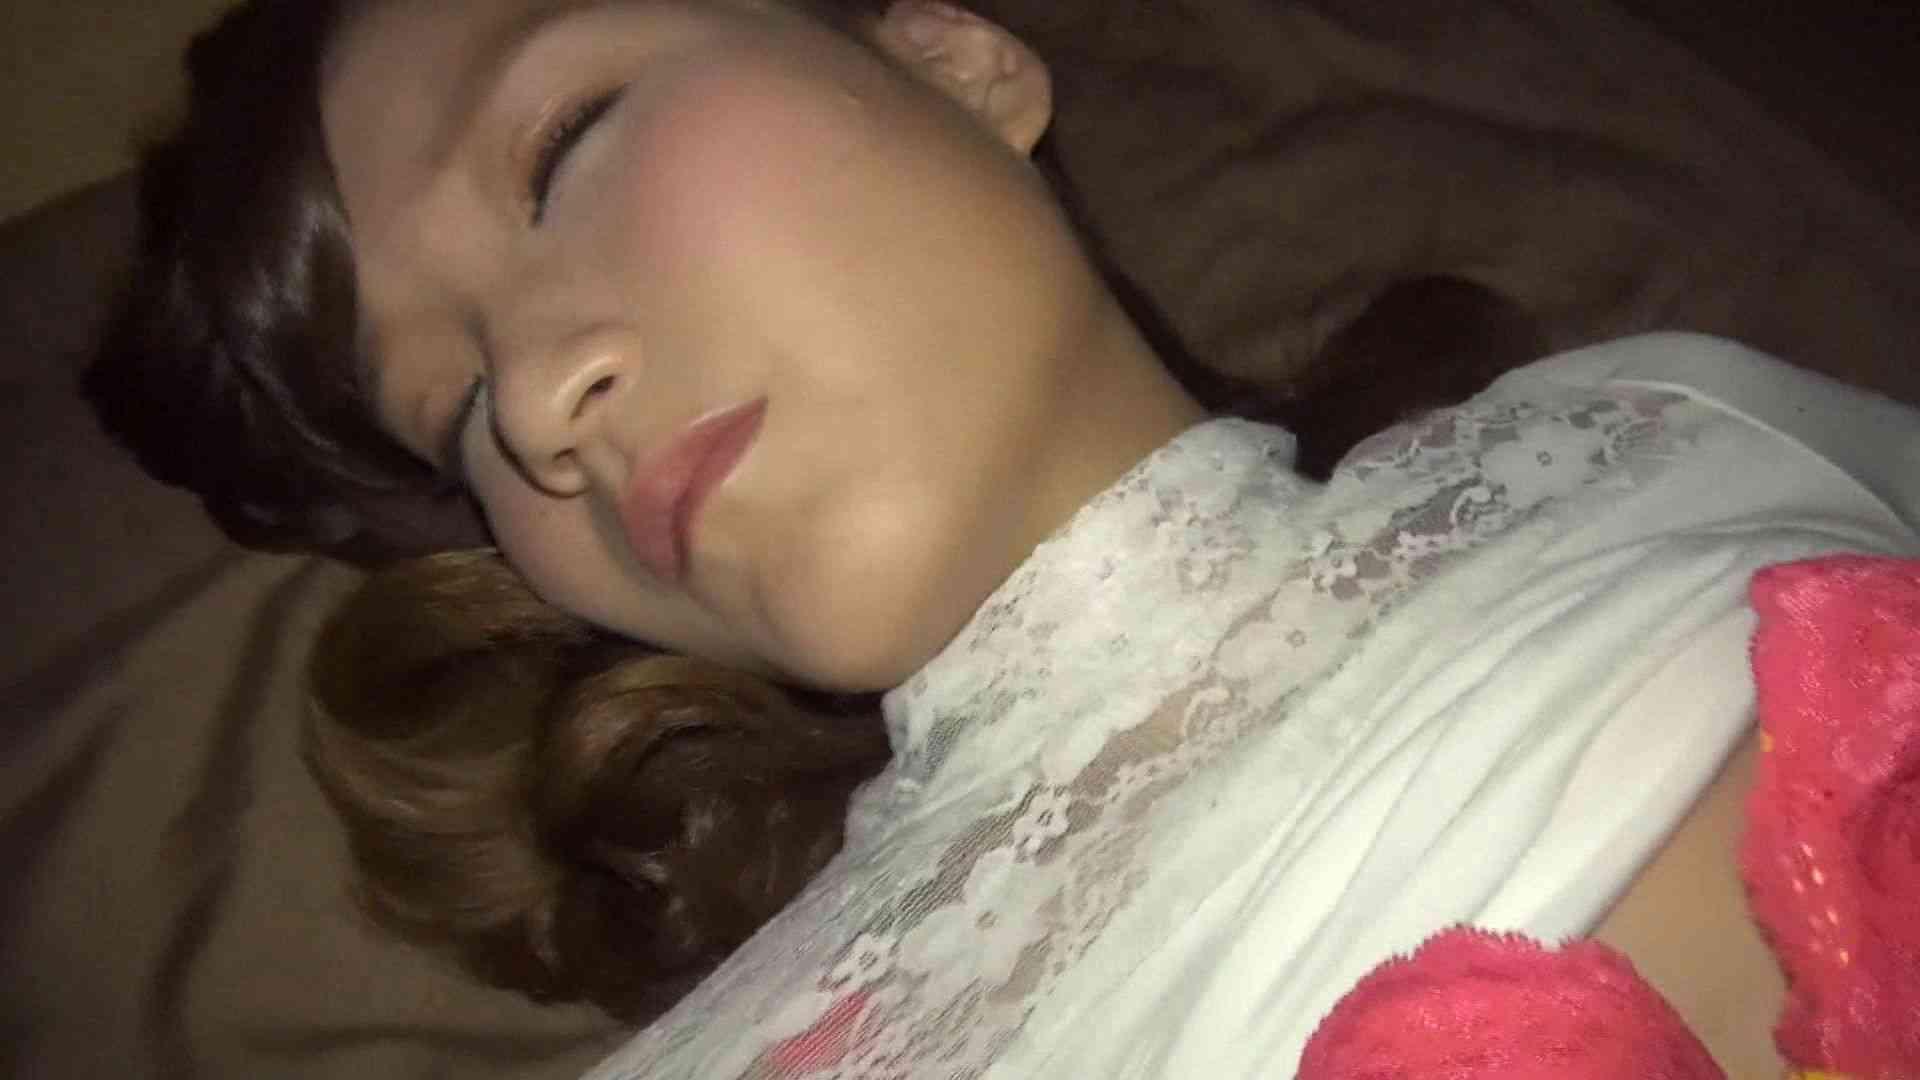 変態ギャル姫のH Vol.10 後編 S級美女ギャル ヌード画像 83画像 55